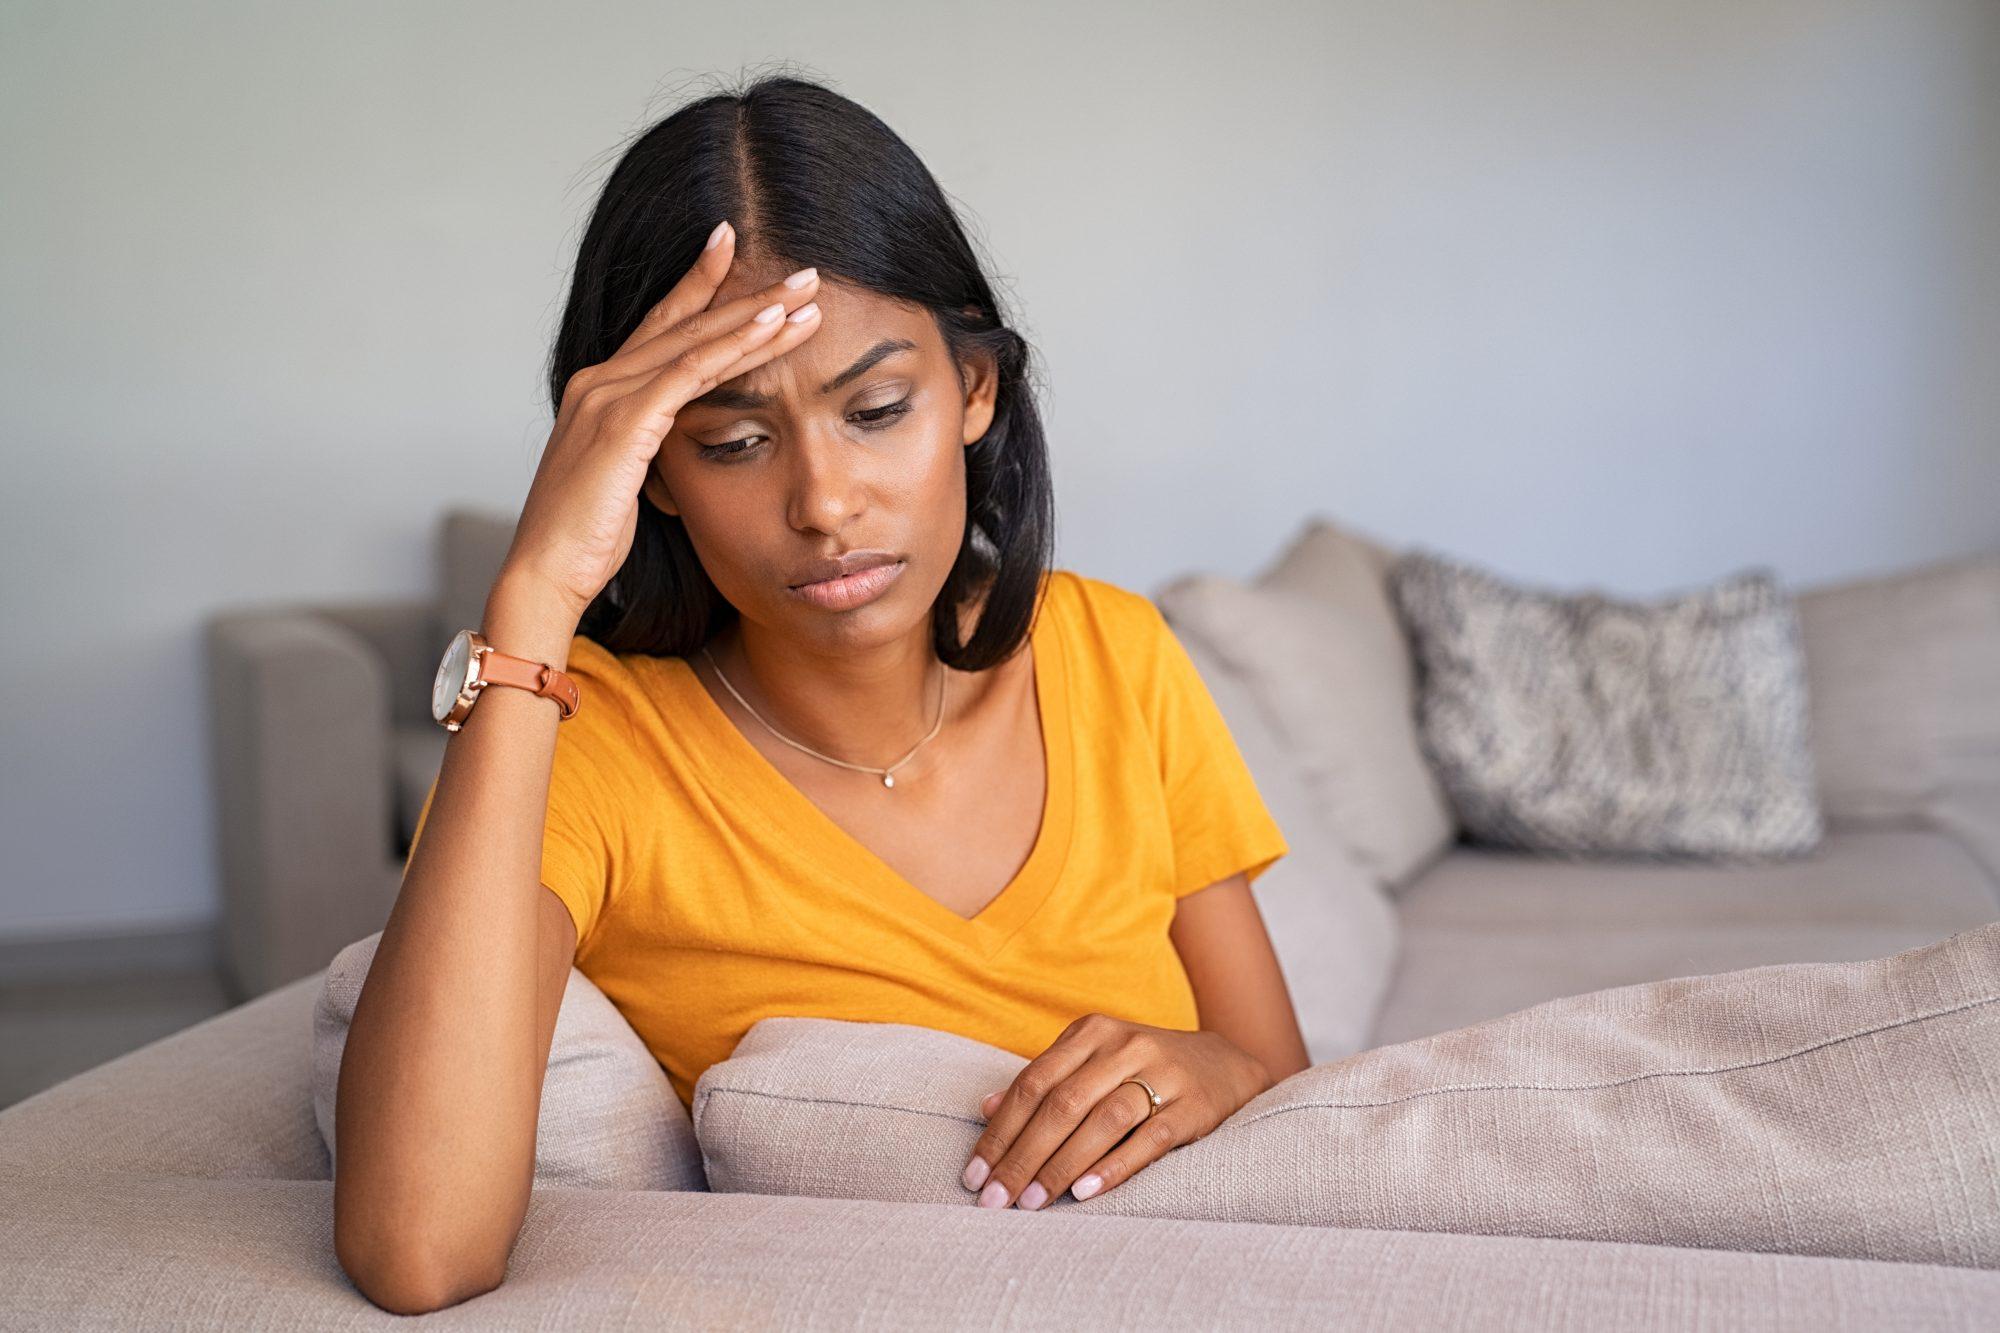 women migraine headaches